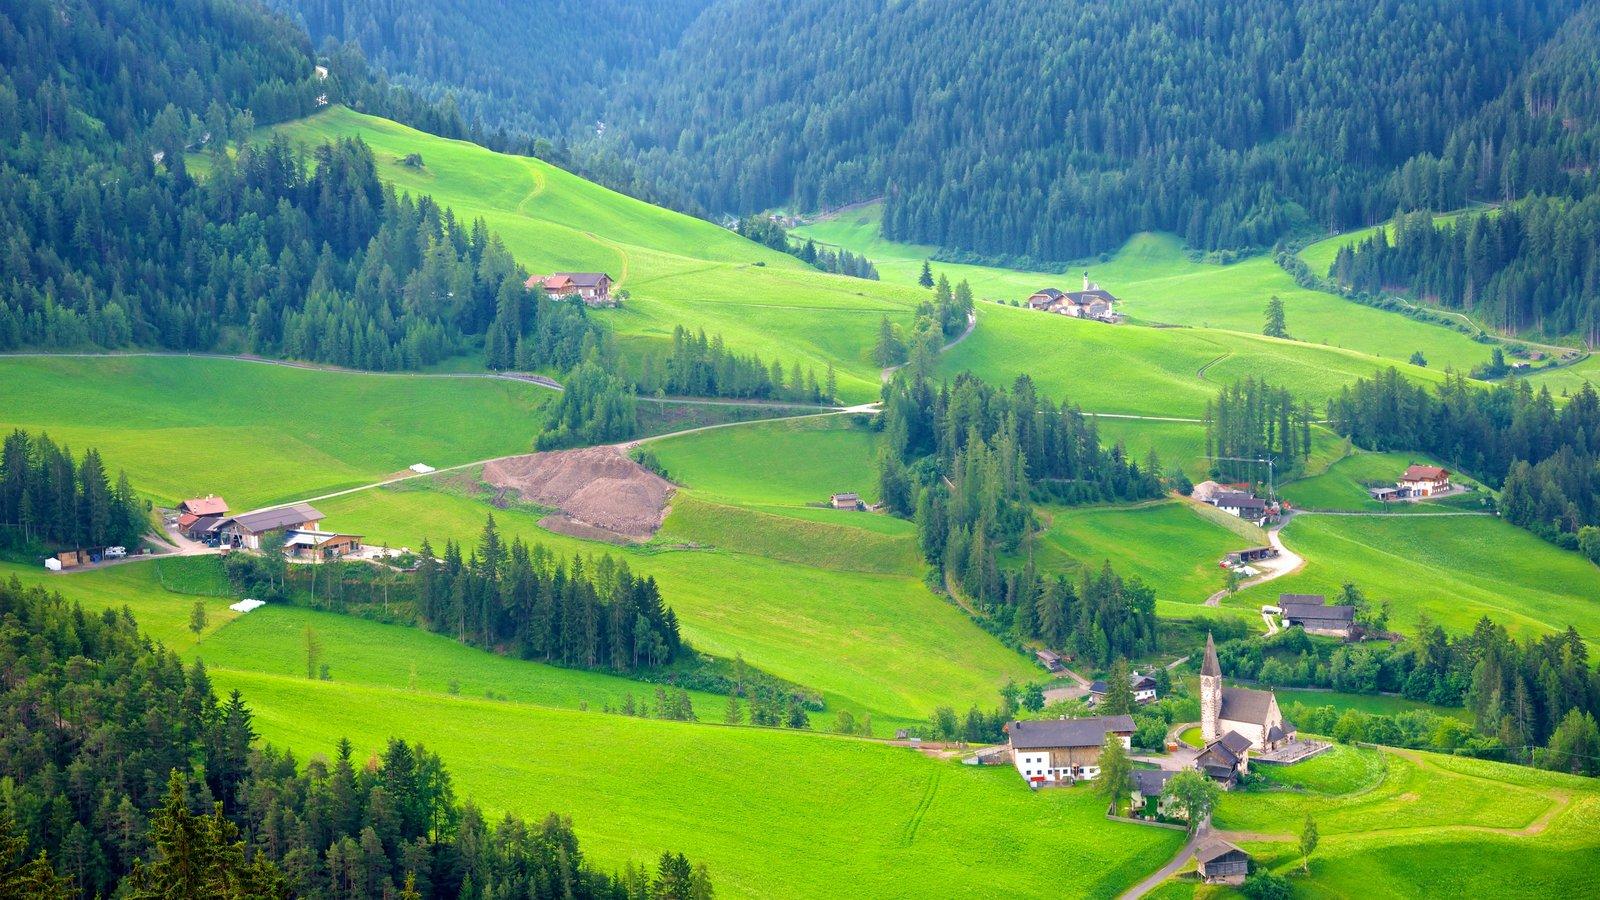 Funes mostrando paisagem, fazenda e cenas tranquilas